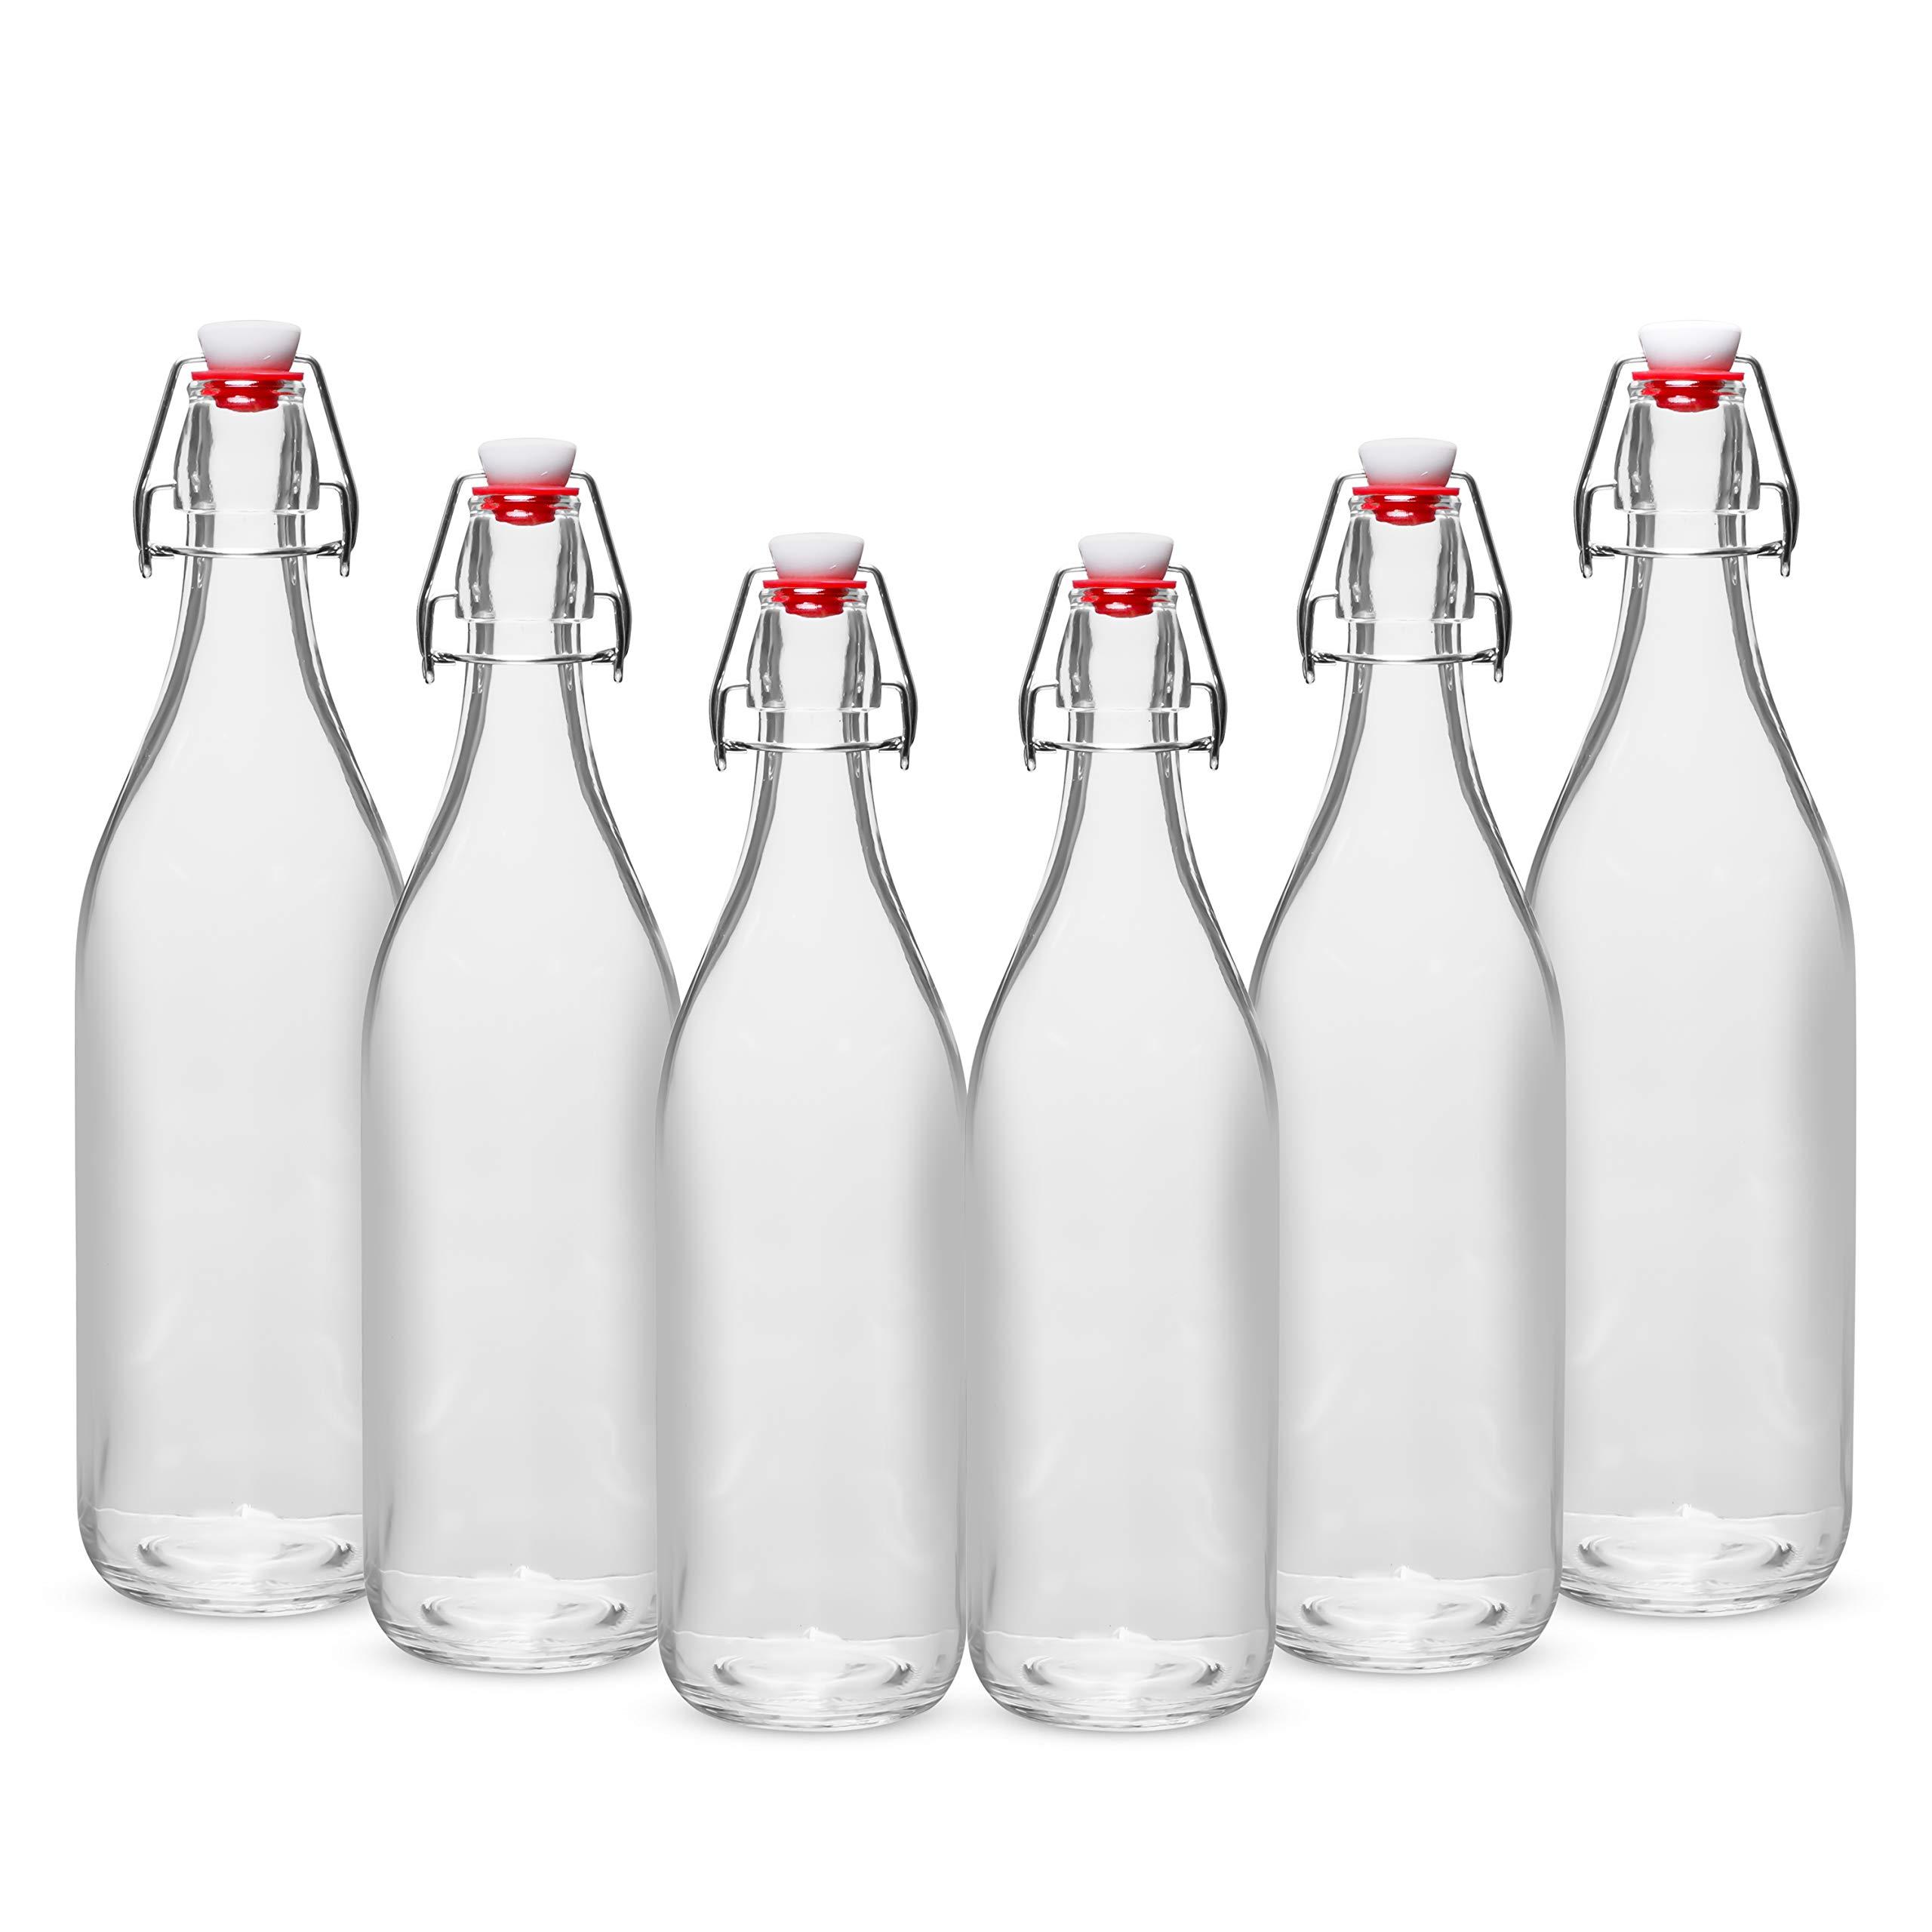 WILLDAN Giara Glass Bottle with Stopper Caps, Set of 6-33.75 Oz Swing Top Glass Bottles for Beverages, Oils, Kombucha, Kefir, Vinegar, Leak Proof Caps